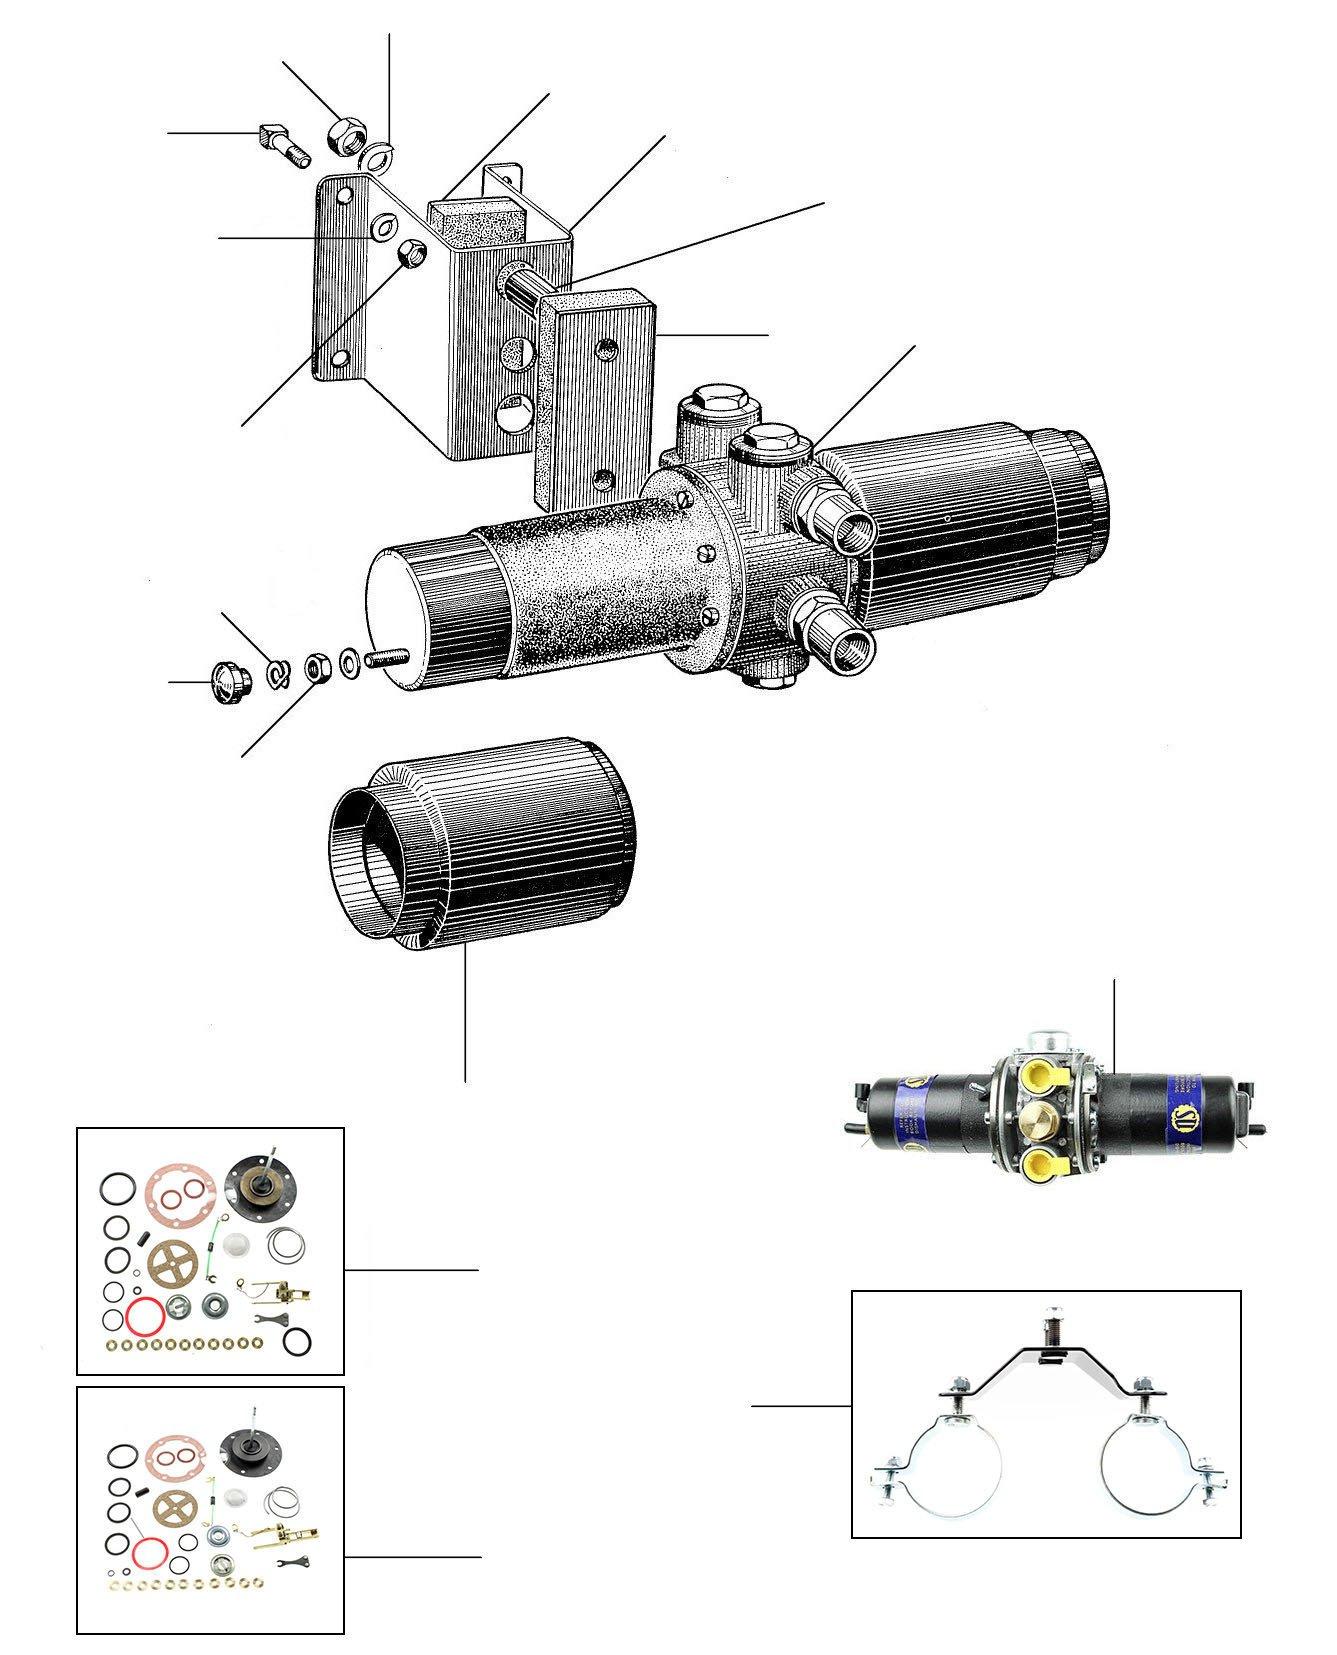 Fuel pump MKVI - Fuel Pump